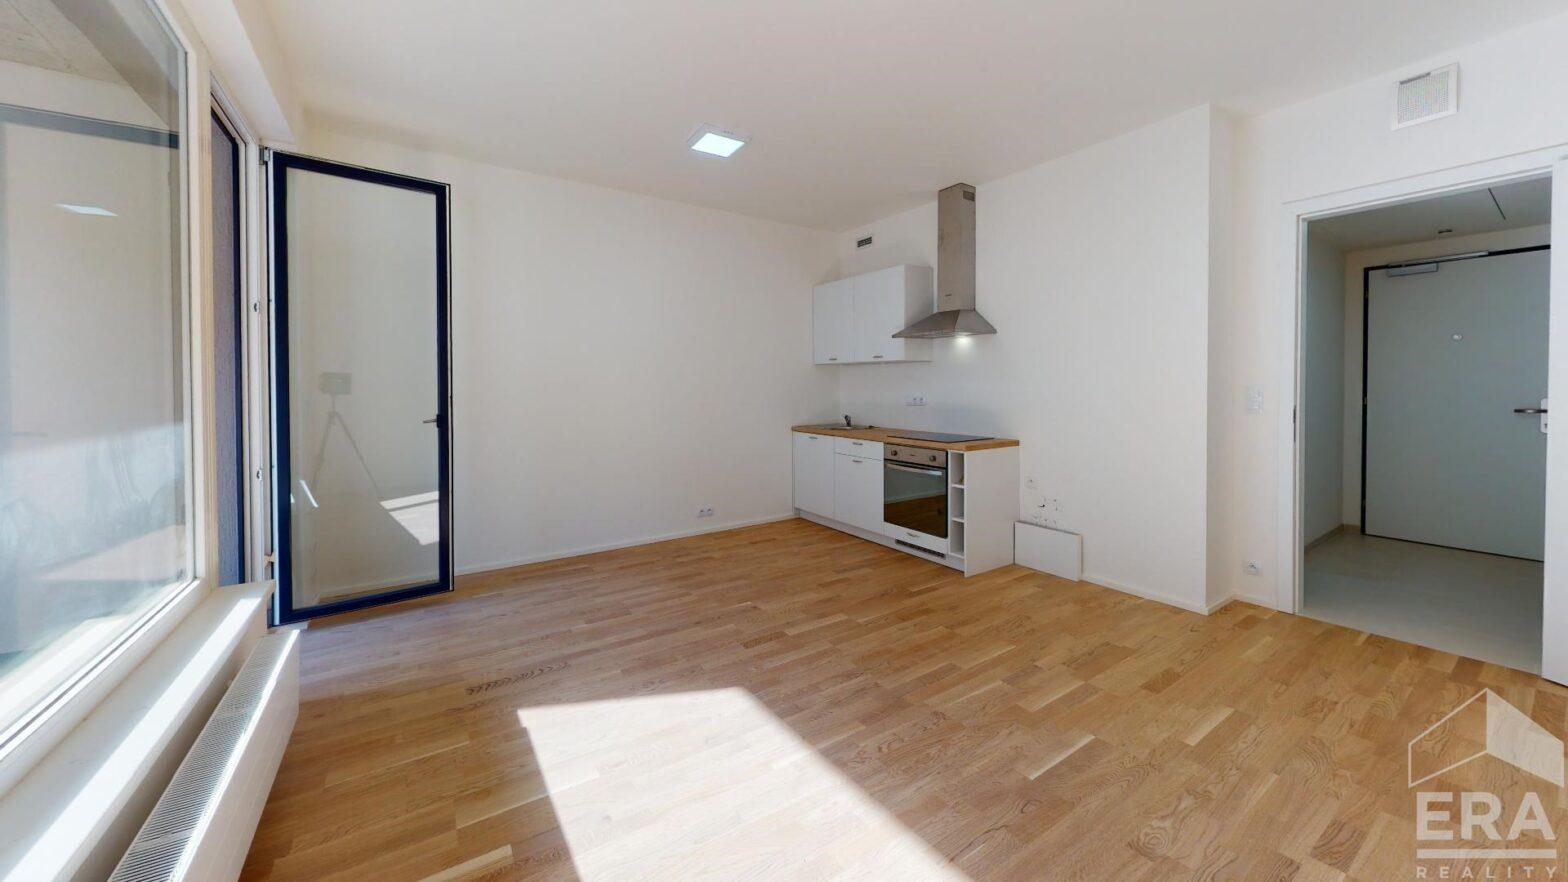 Pronájem bytu 1+kk, 33 m2, ul. Nuselská 53, Praha 4 – Nusle